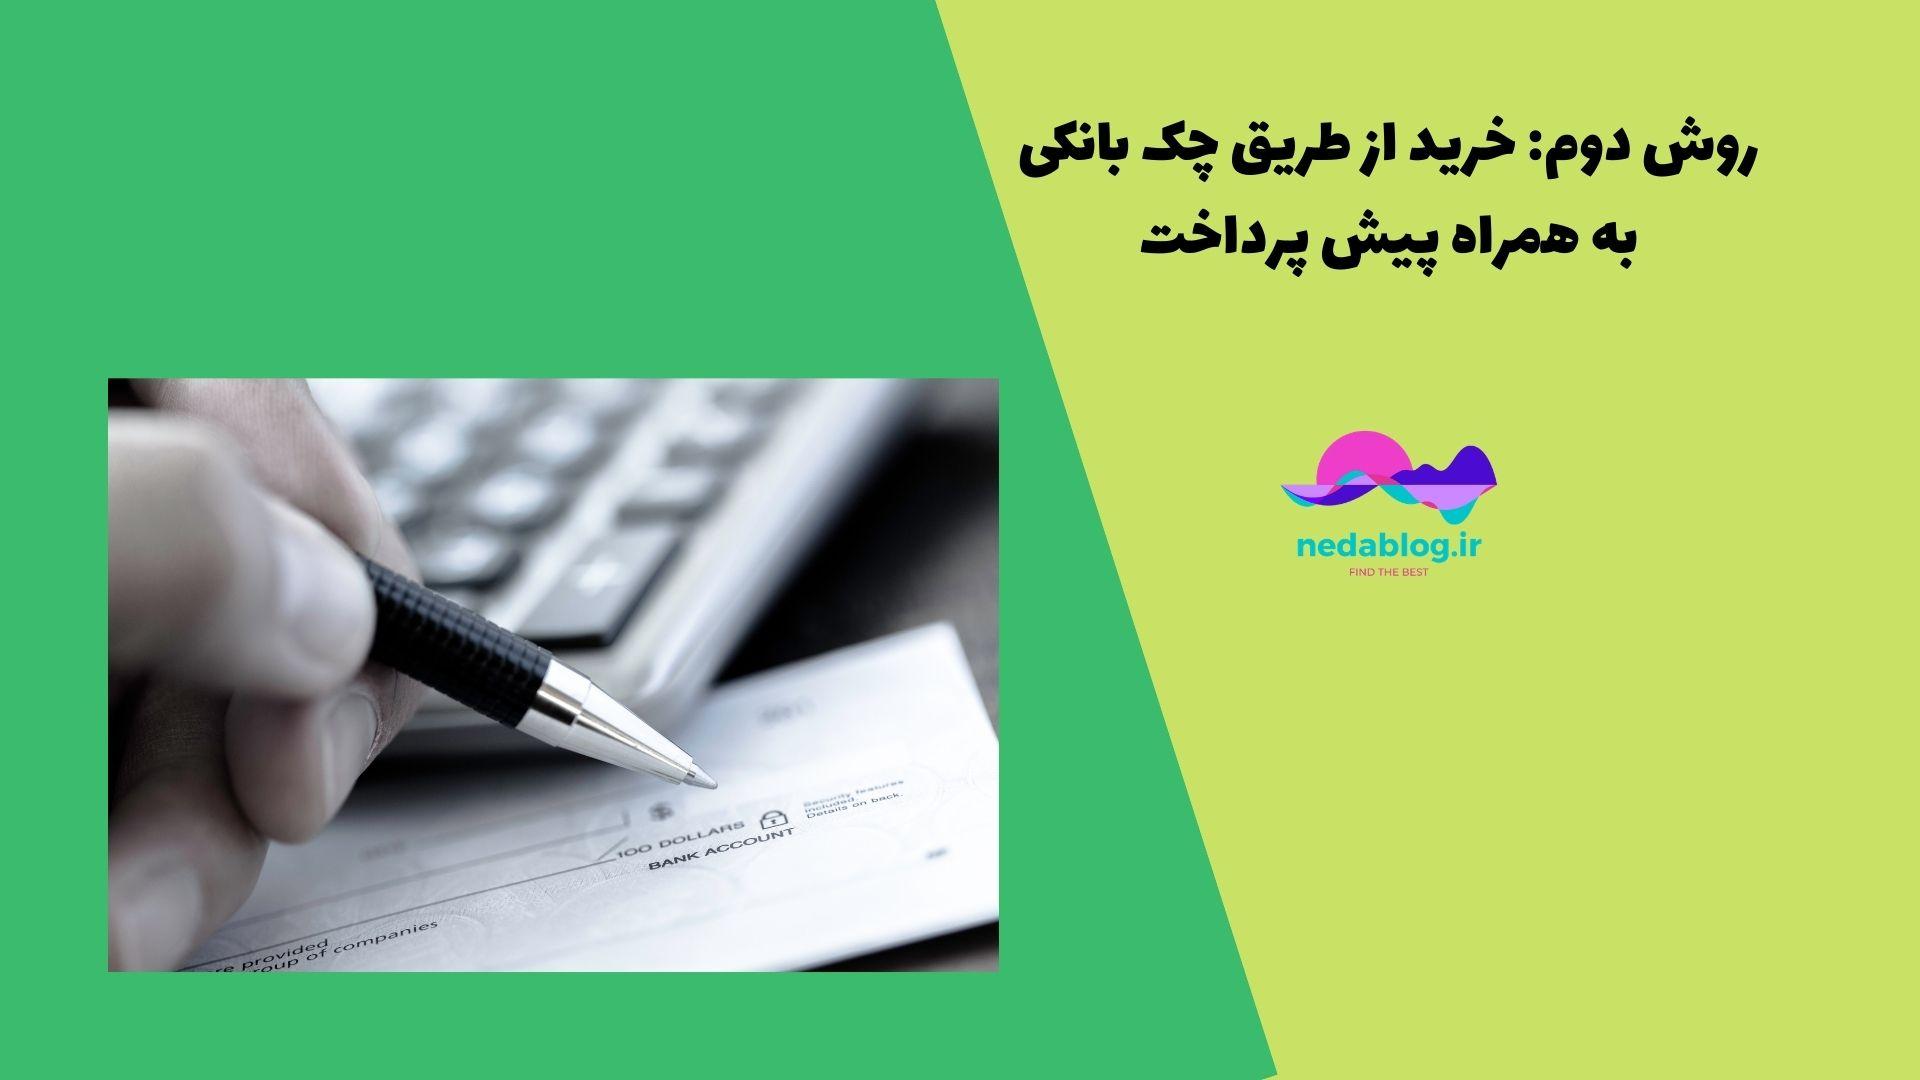 روش دوم: خرید از طریق چک بانکی به همراه پیش پرداخت